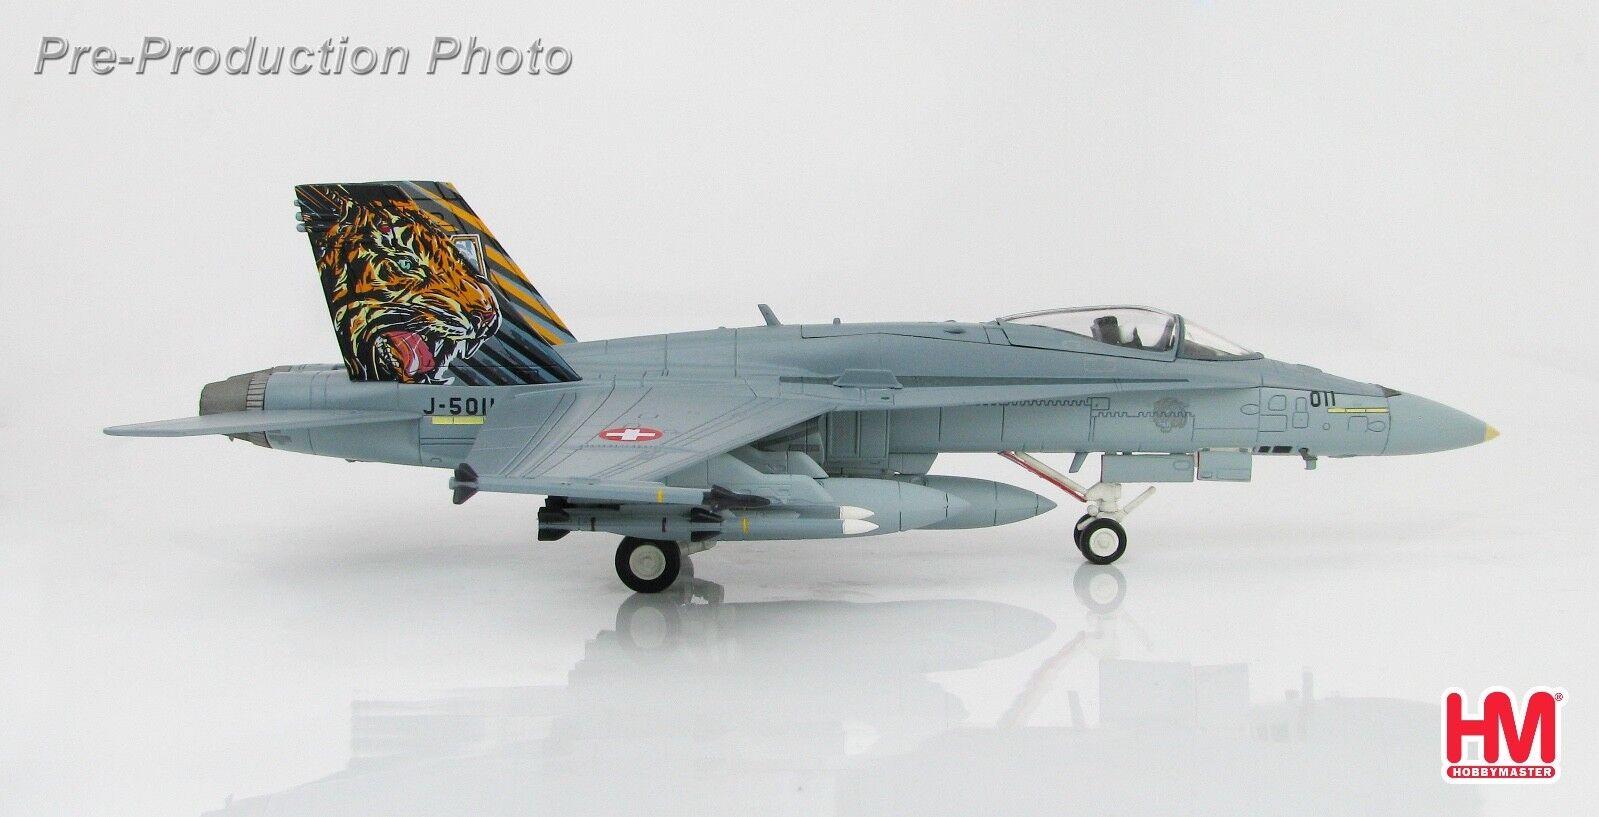 Hobby Master HA3536 1/72 F/A-18C Hornet J-5011 Swiss Air Force Tigre de la OTAN cumplir